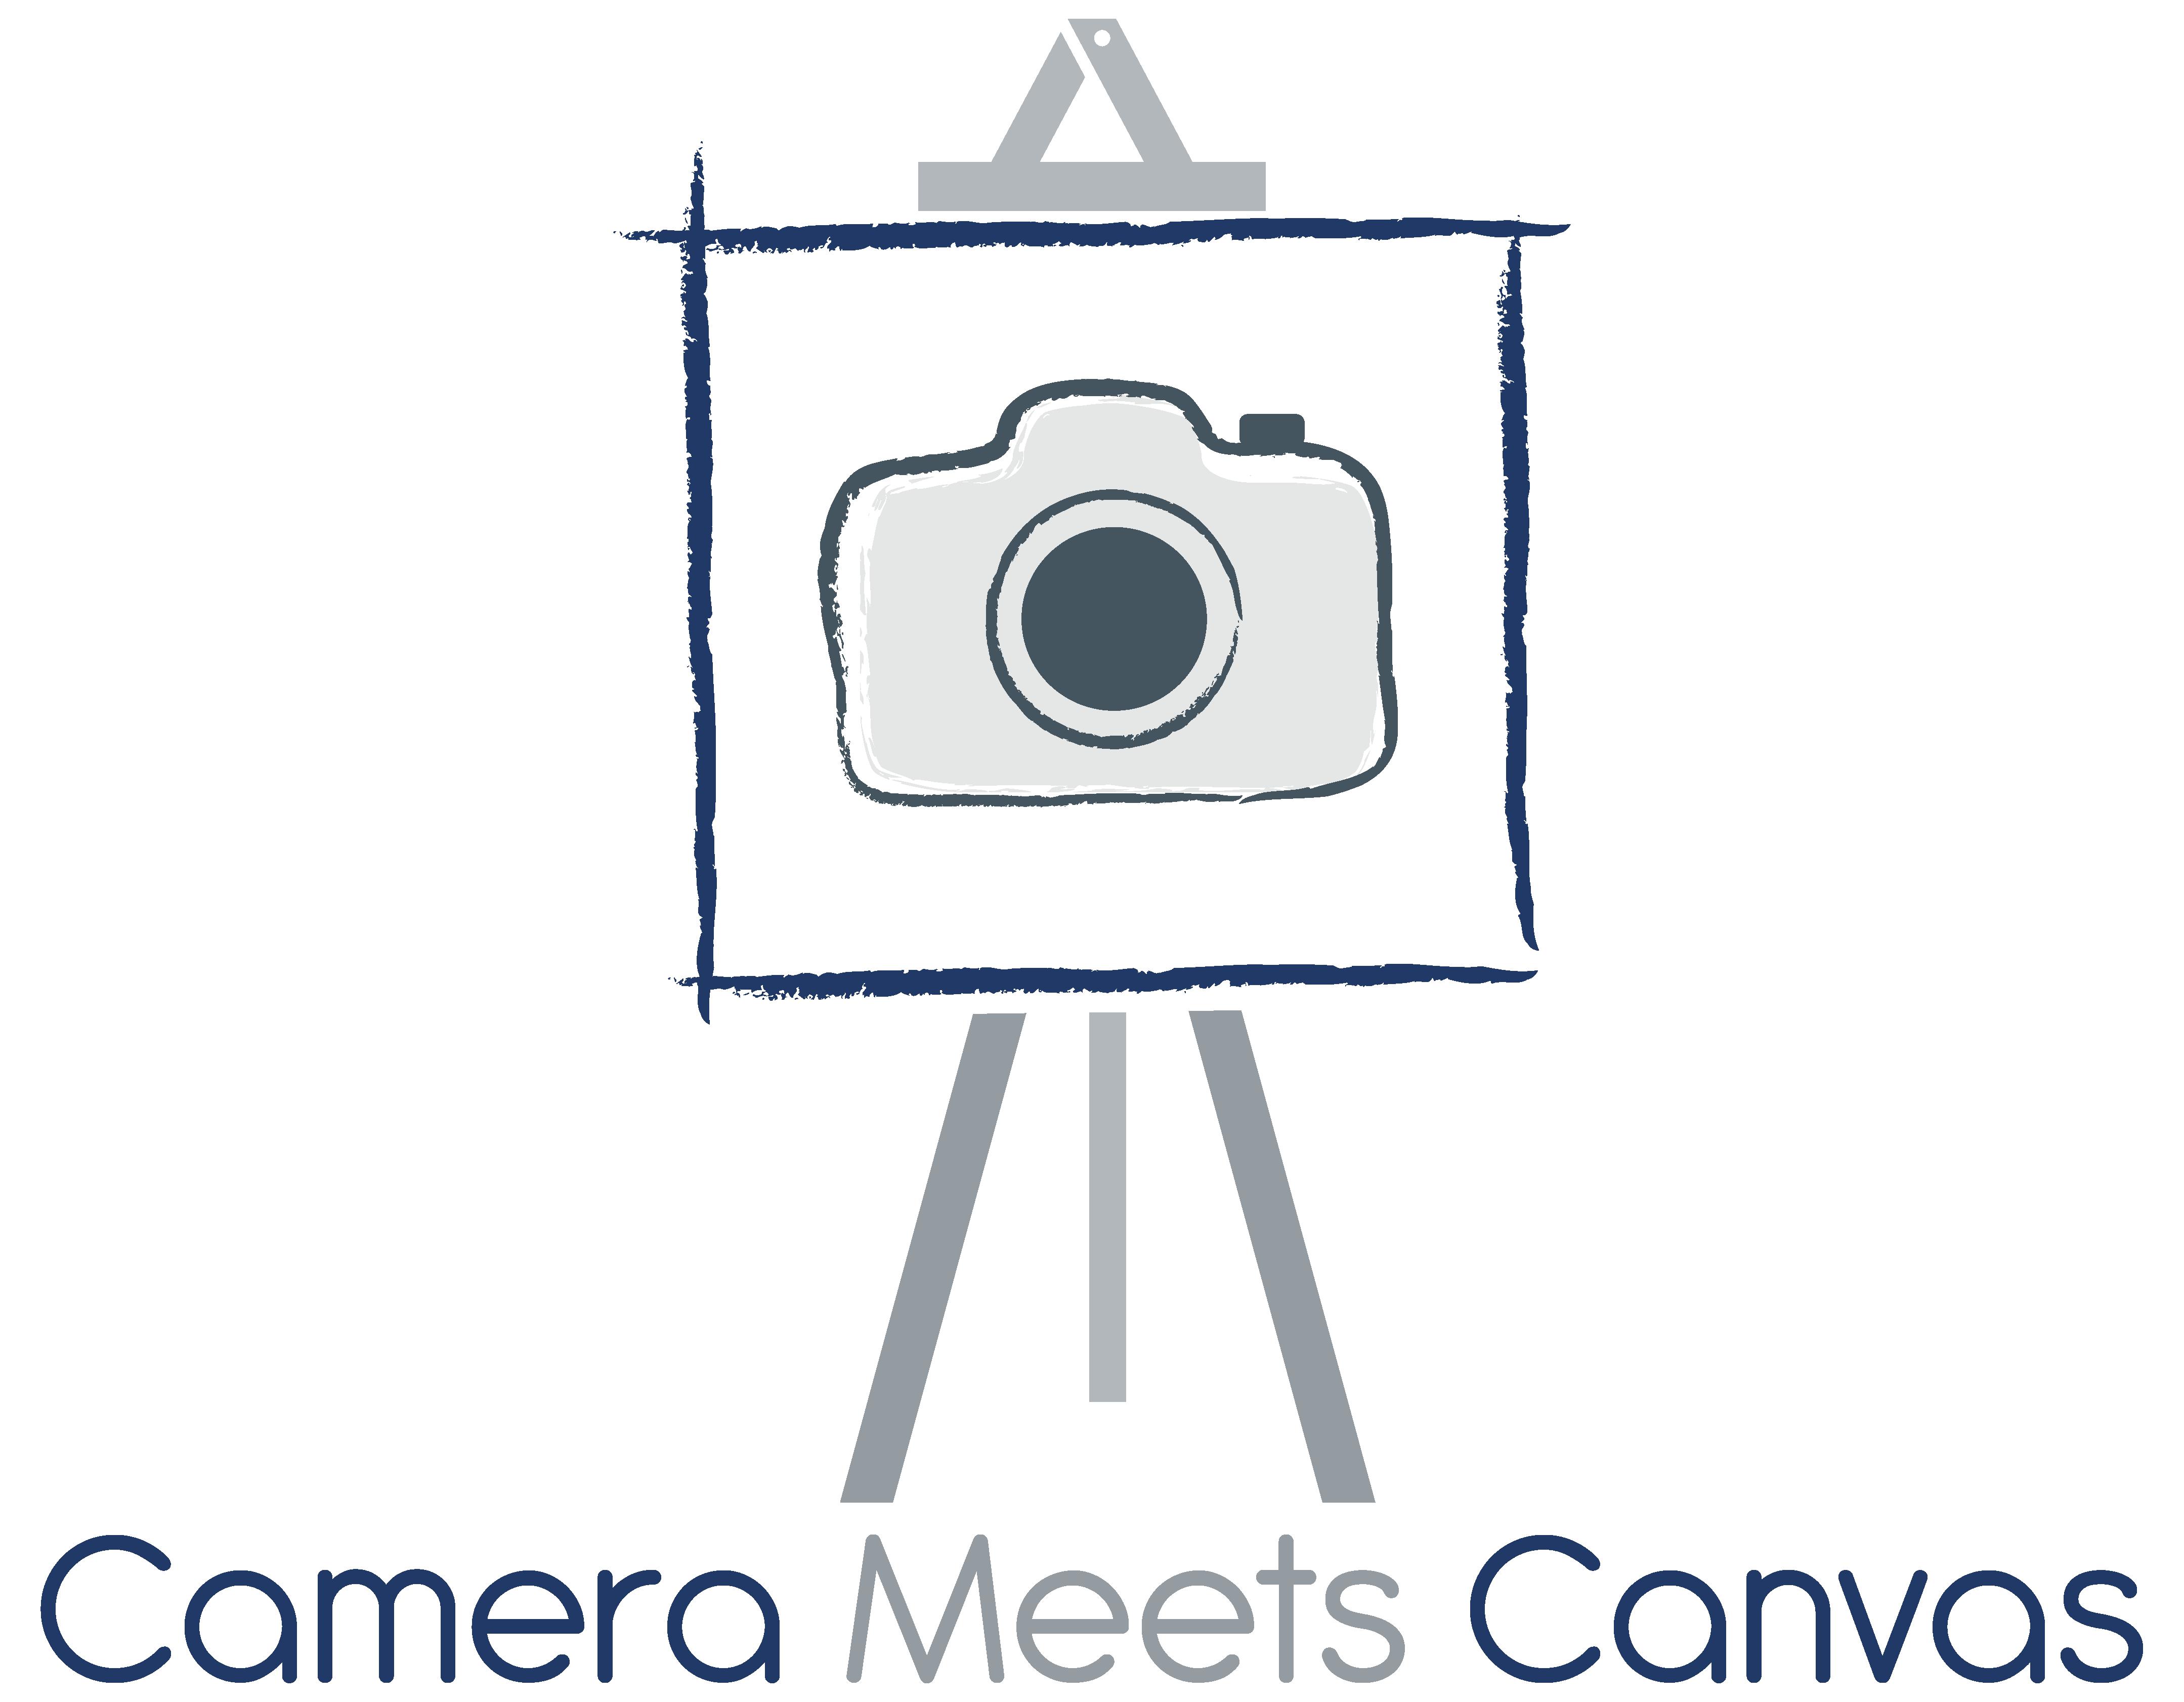 Camera Meets Canvas